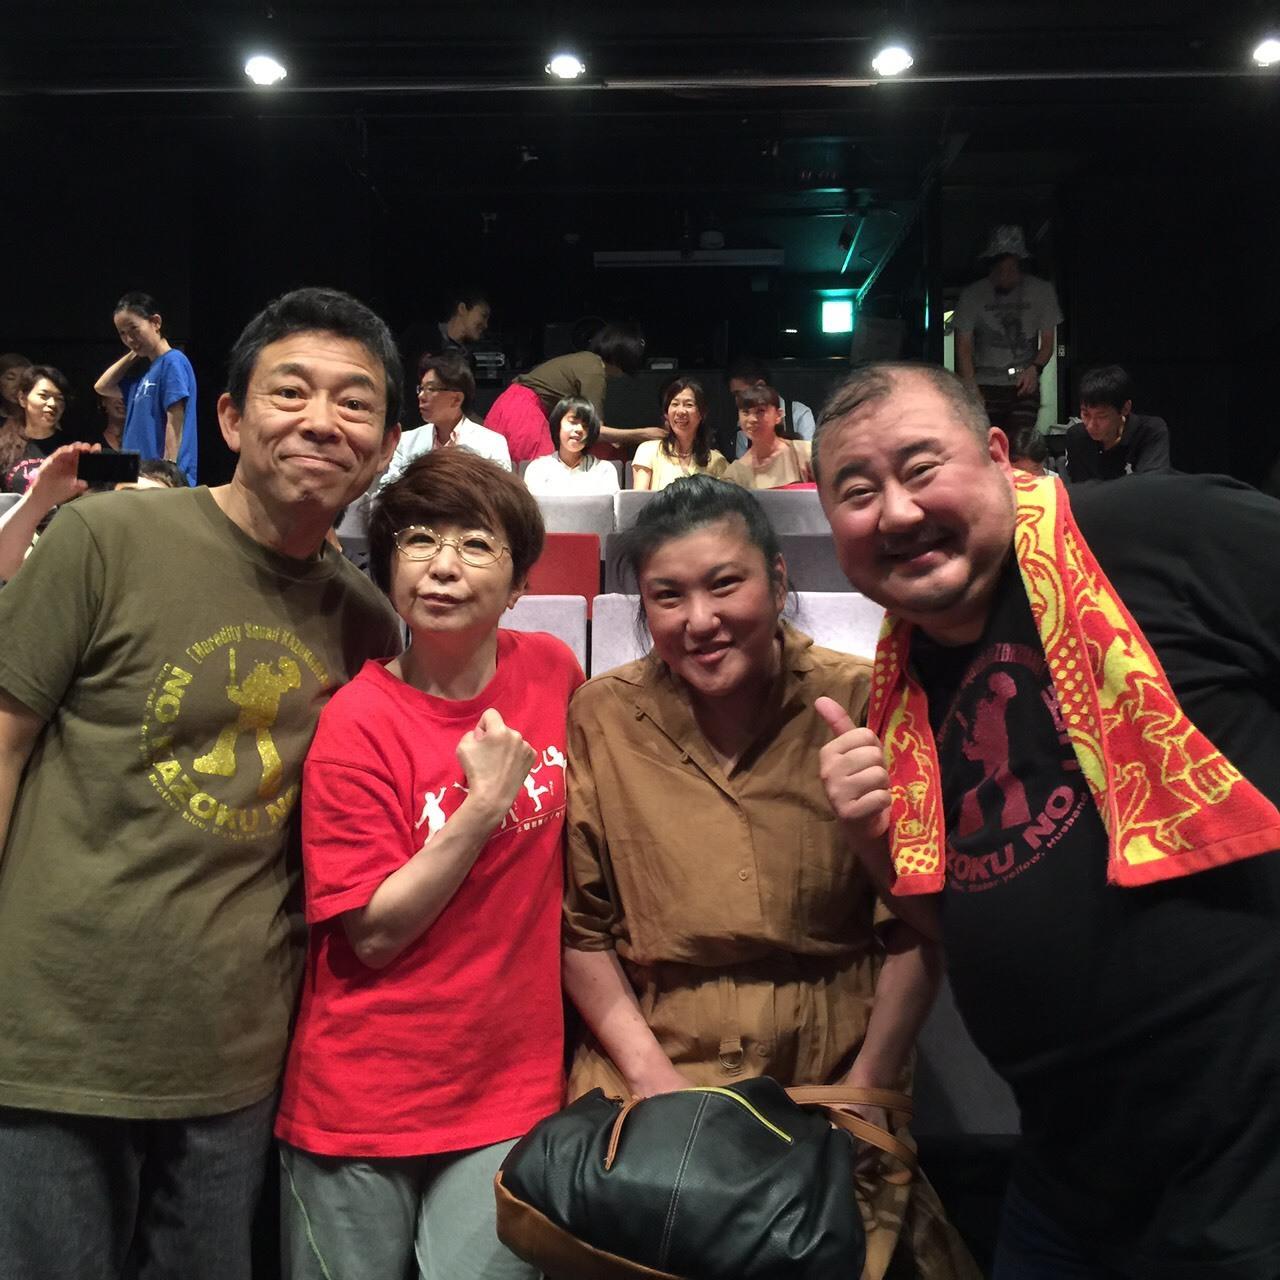 「カゾクマン」東京公演 無事終了_a0163623_23182426.jpg